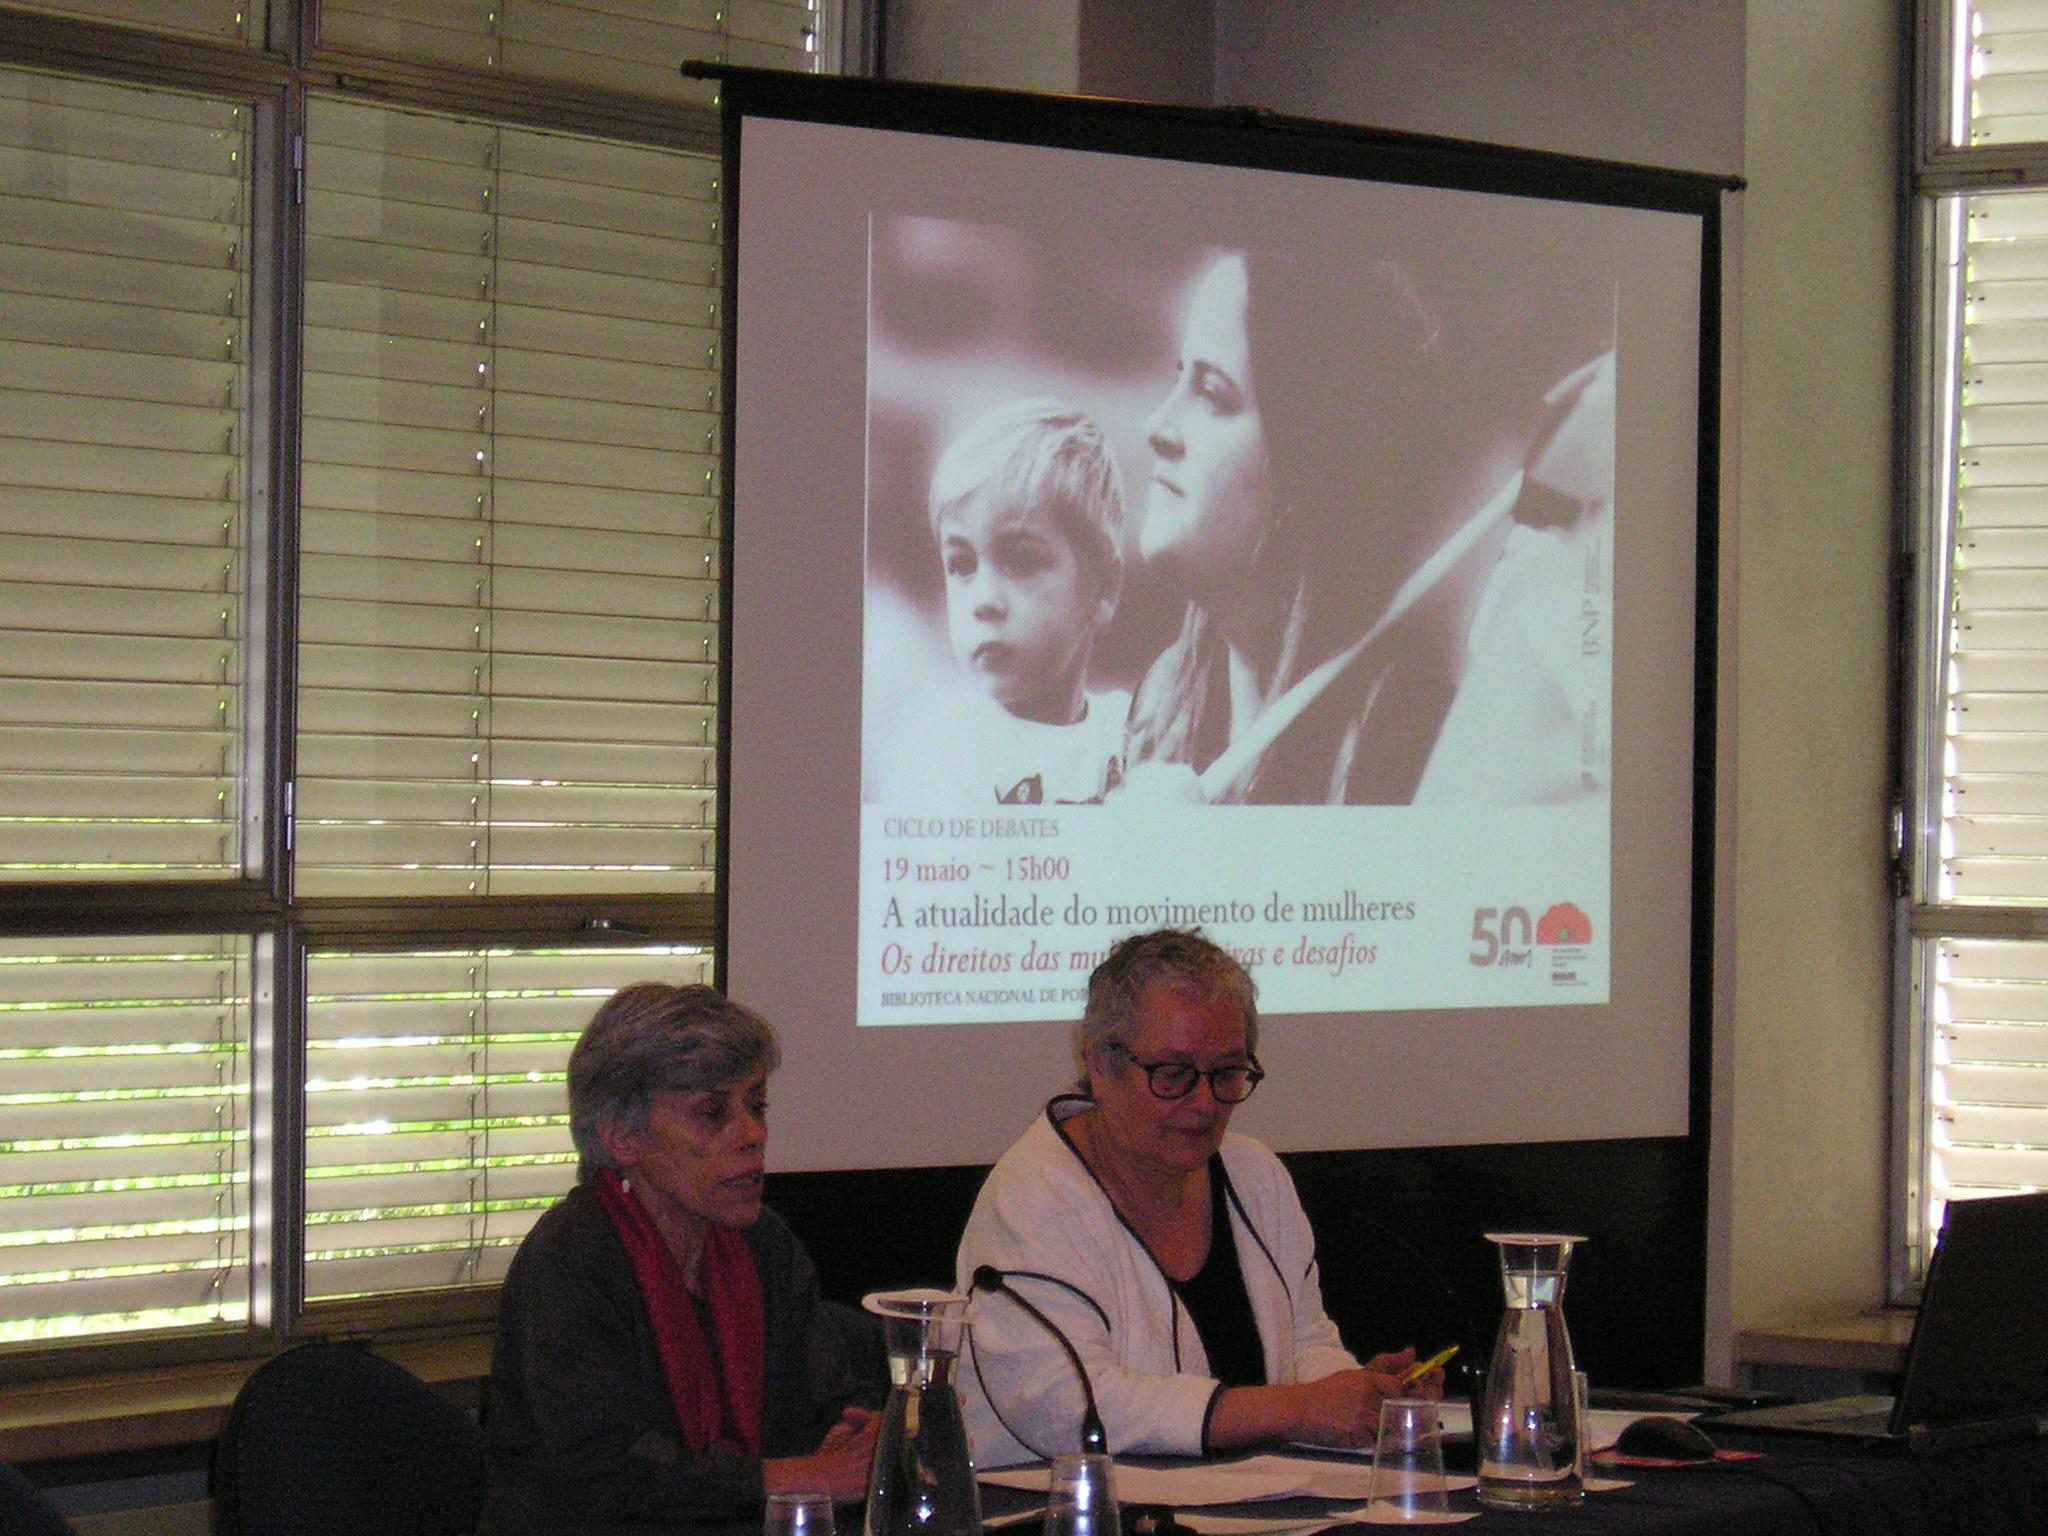 Os 50 anos do MDM e a actualidade do movimento de mulheres